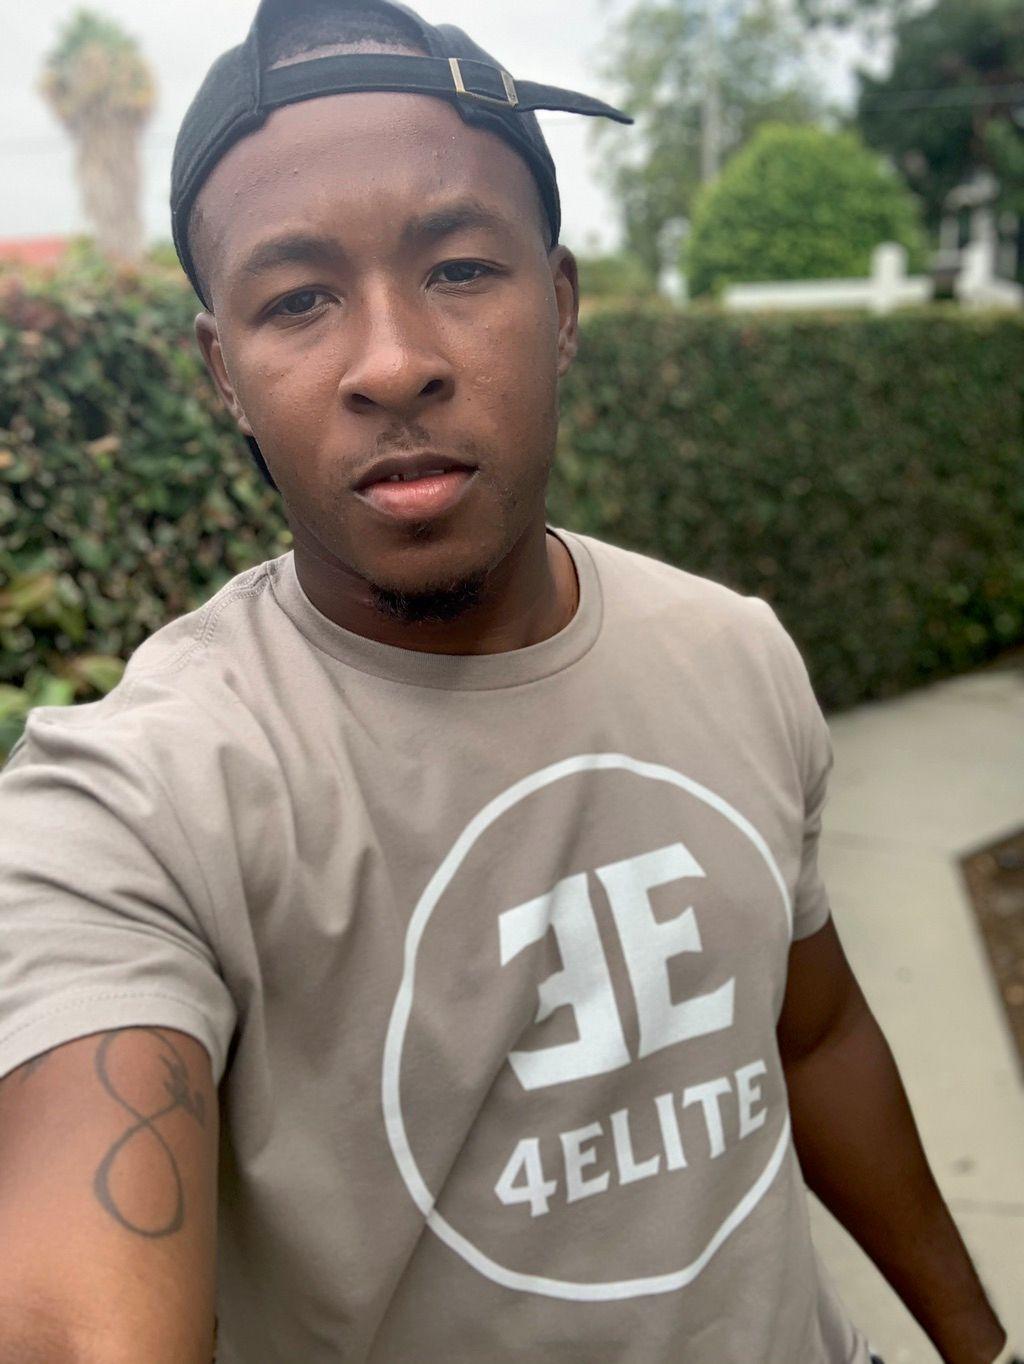 4Elite Training